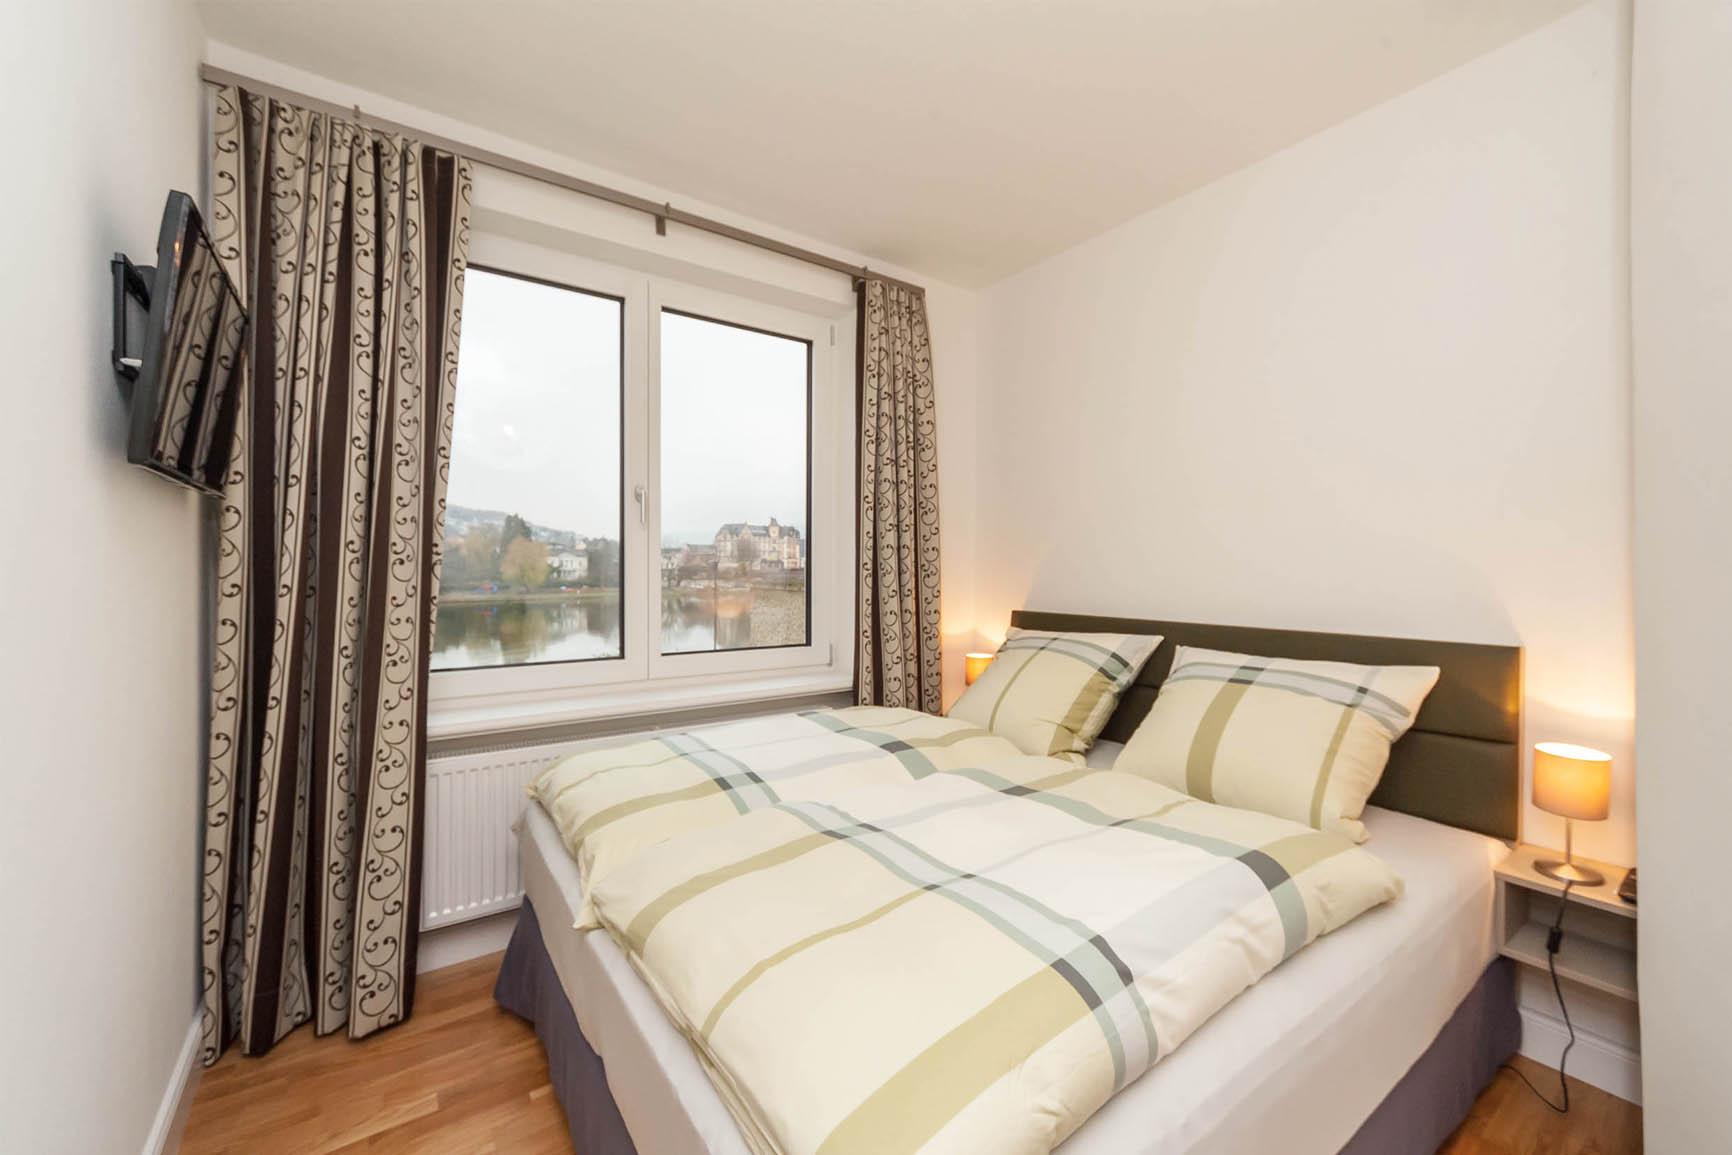 5-Sterne-Ferienwohnung Villa Mosella 3 Schlafzimmer